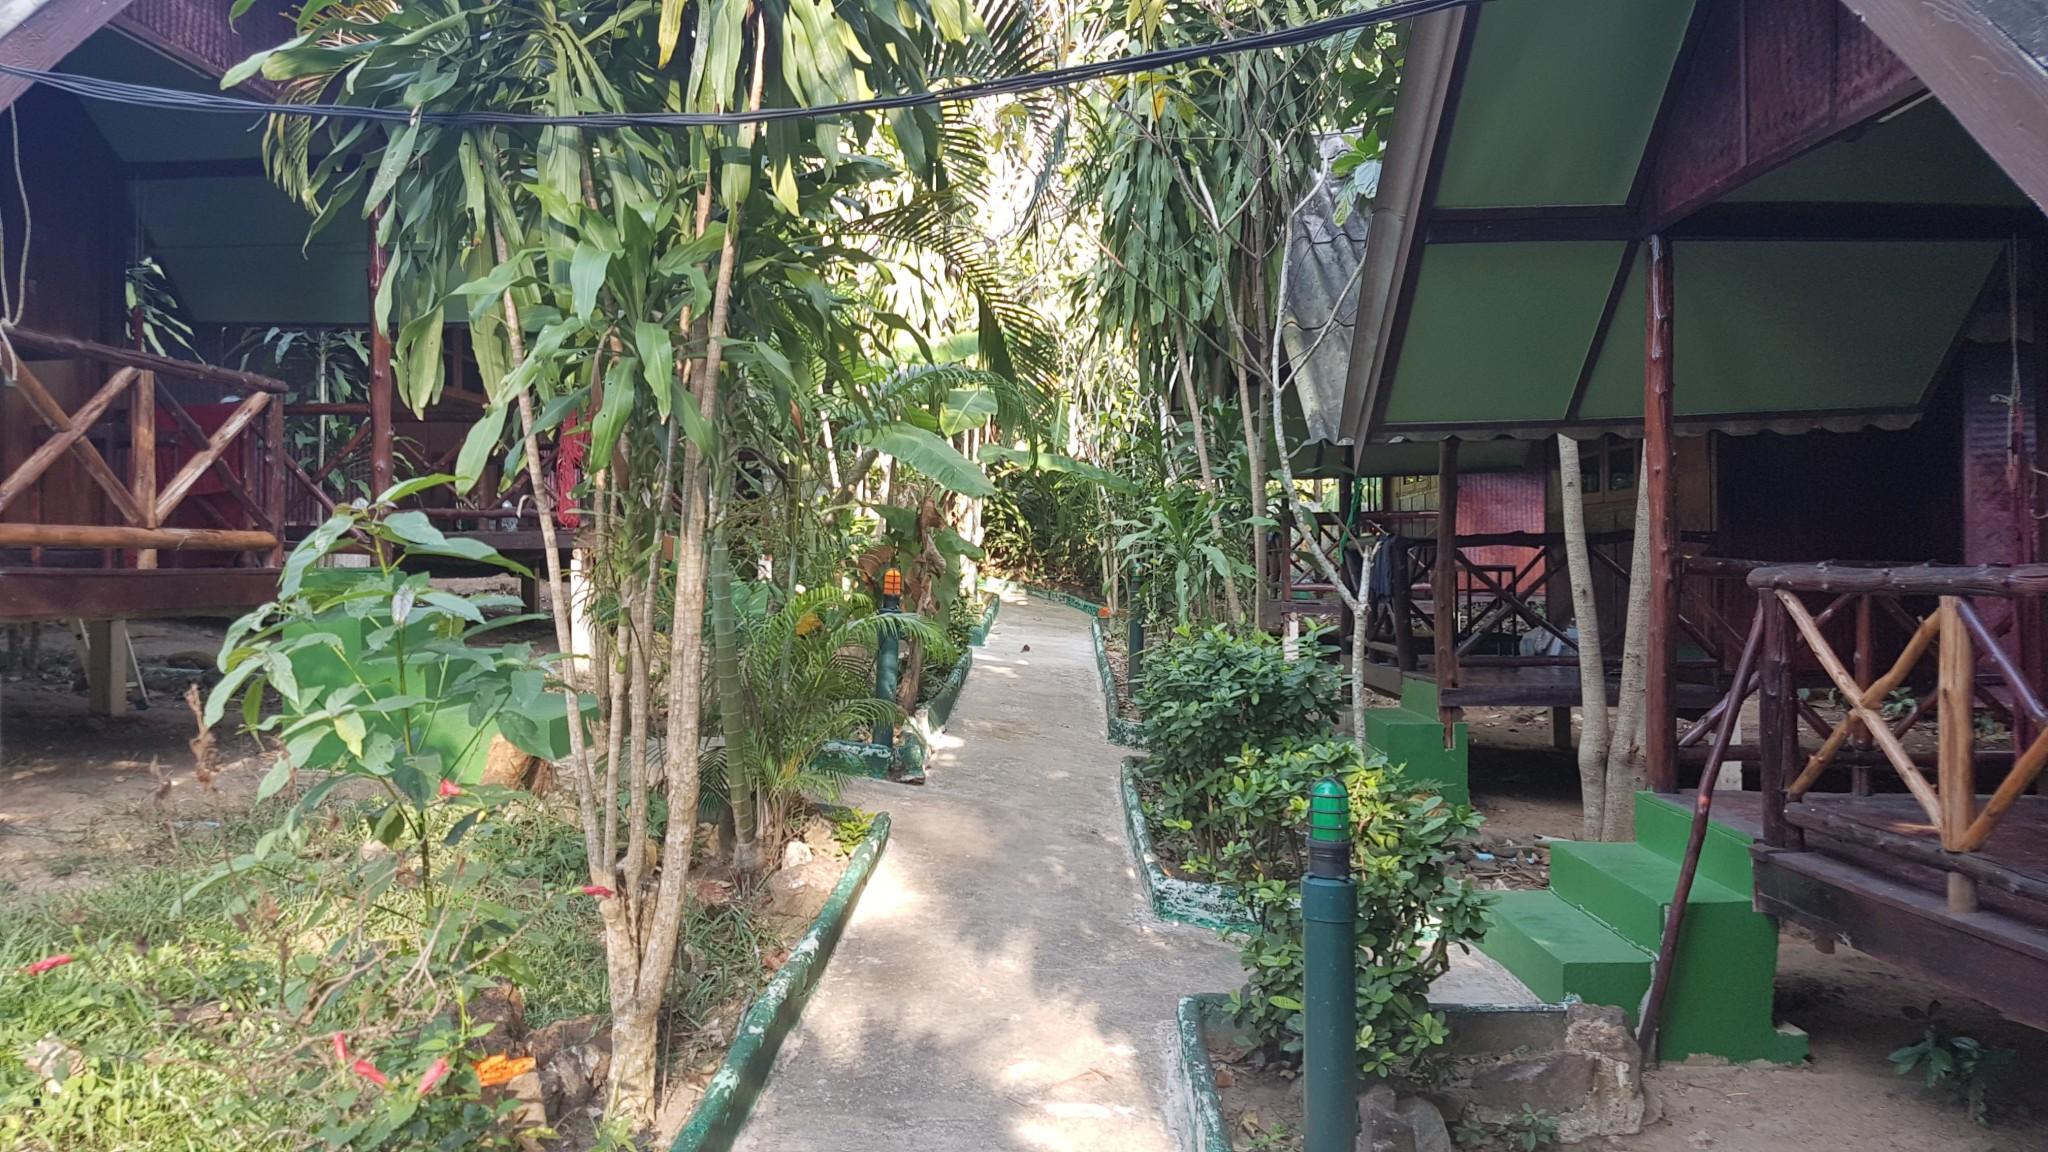 Koh Chang - The Grand Tree Resort - 001 - BackPackJunkies